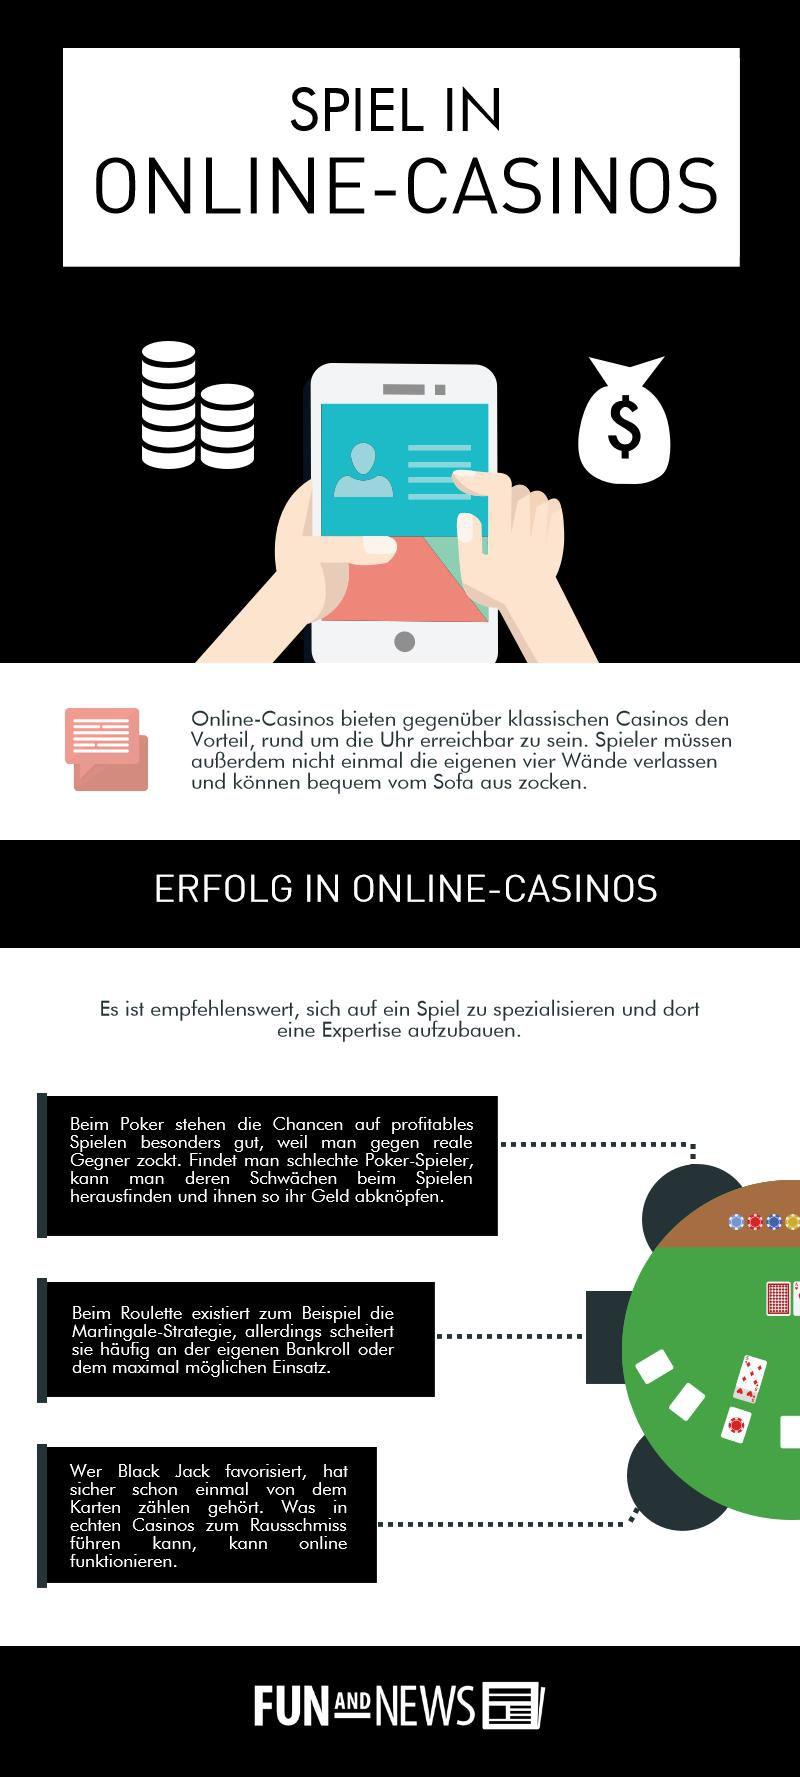 Was ist beim regelmäßigen Spielen in Online-Casinos zu beachten?